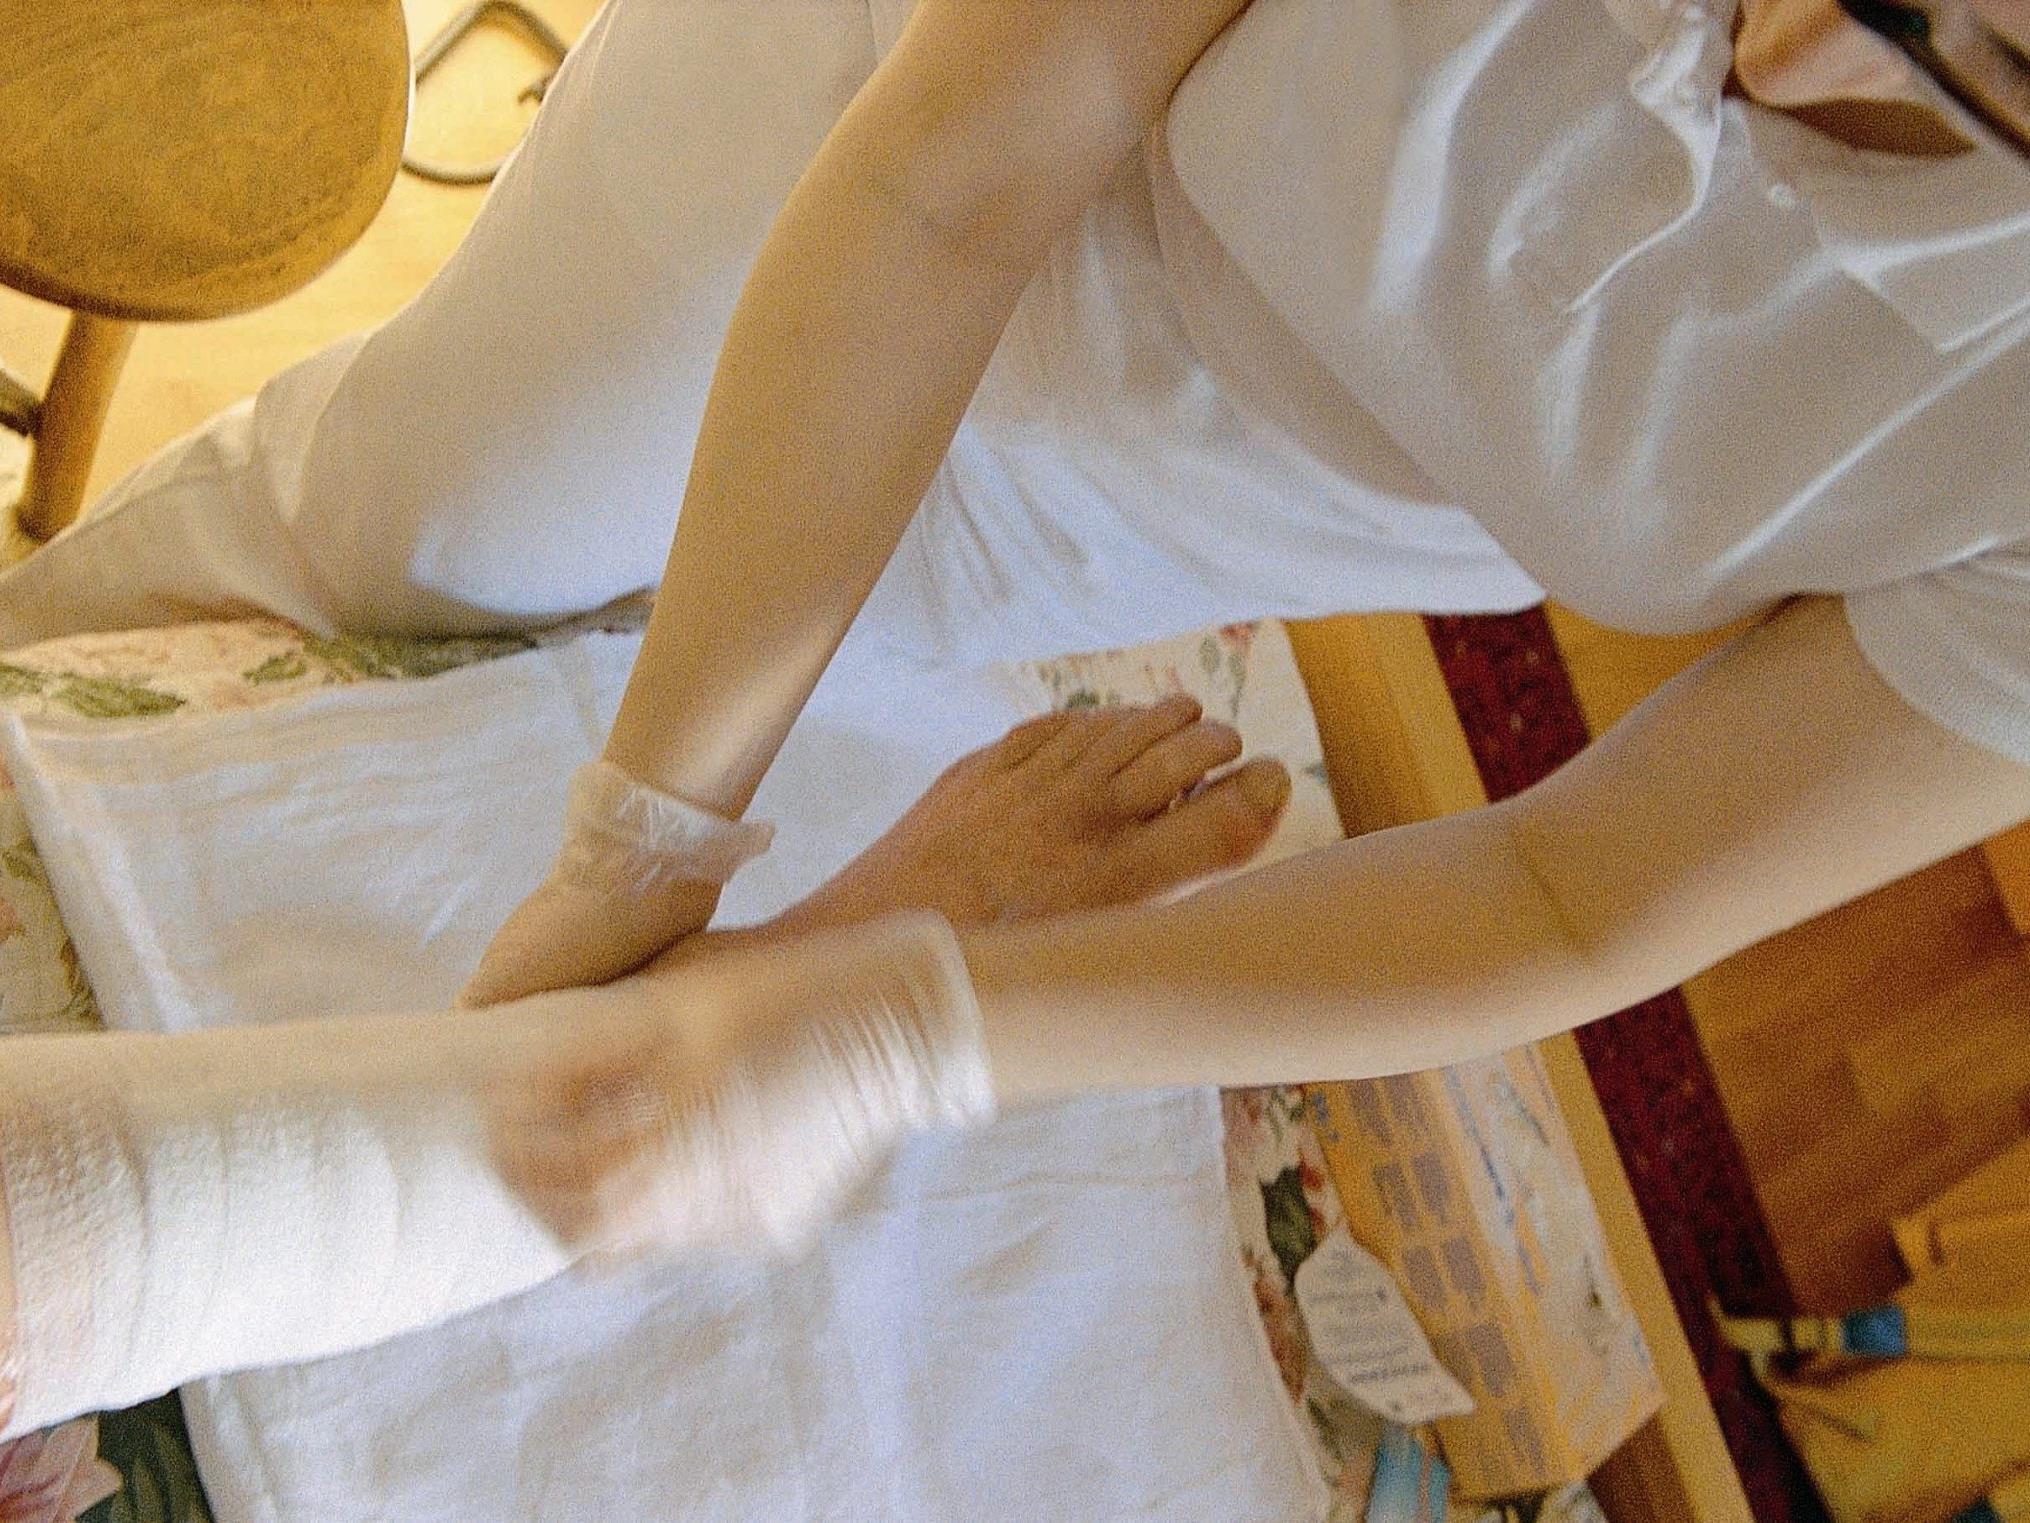 Hauskrankenpflege: Repräsentative Kundenbefragung im Frühjahr 2012 durchgeführt.